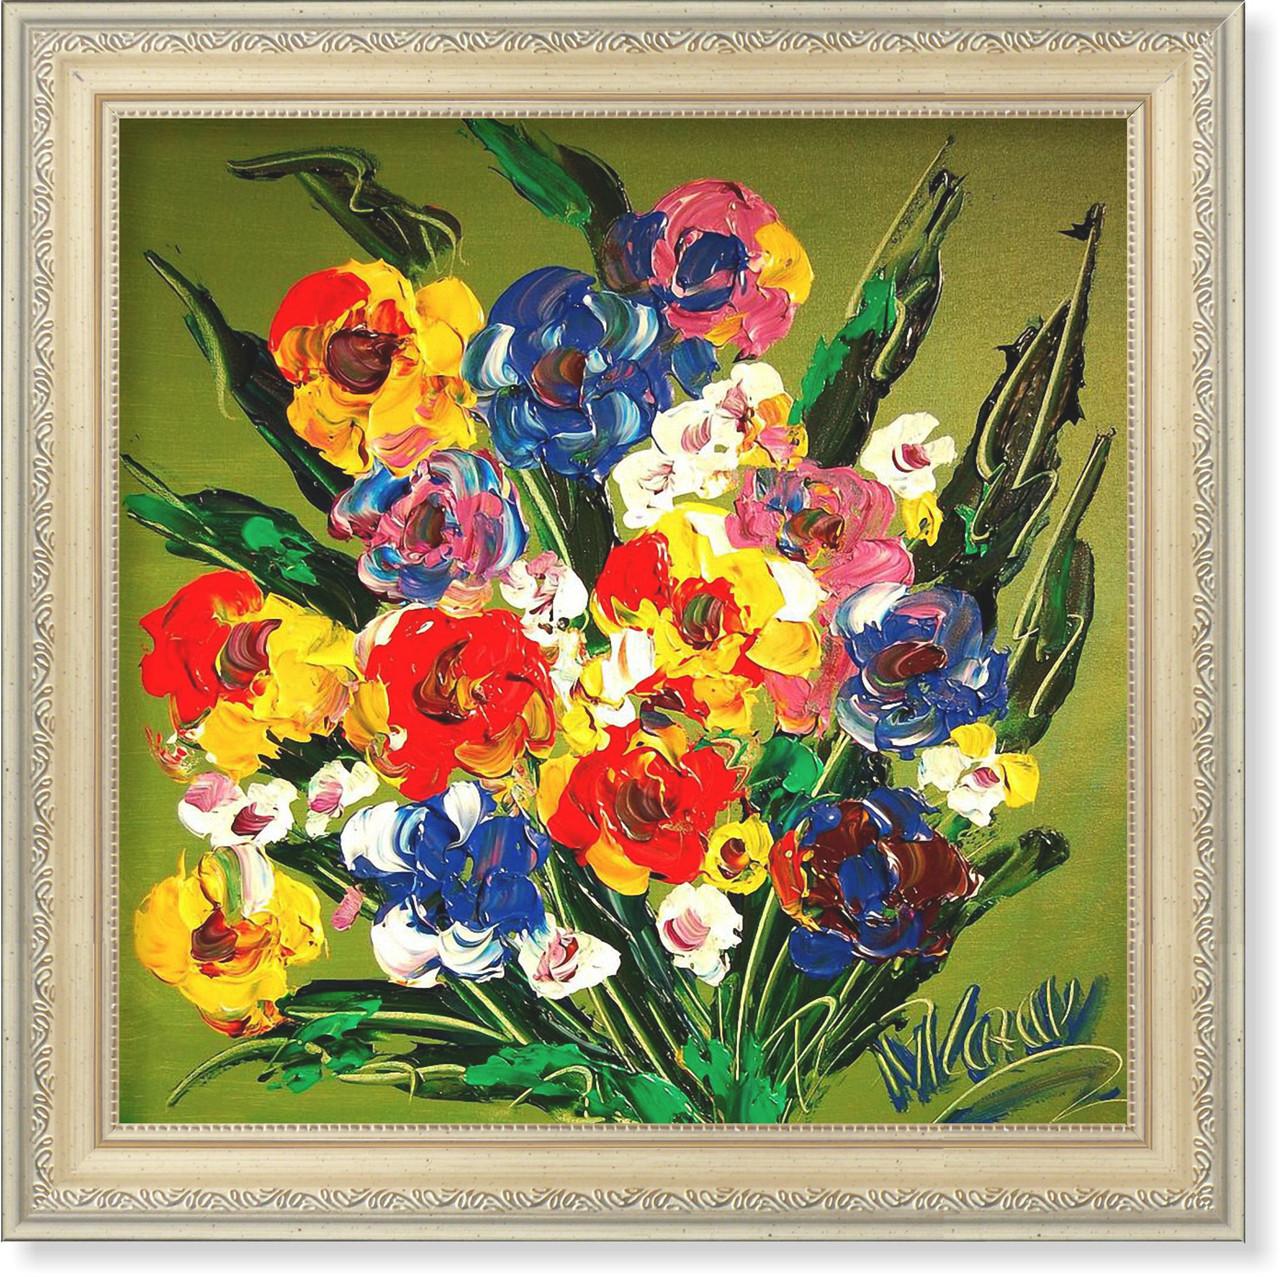 Репродукция  современной картины «Цветочная фантазия XVI»